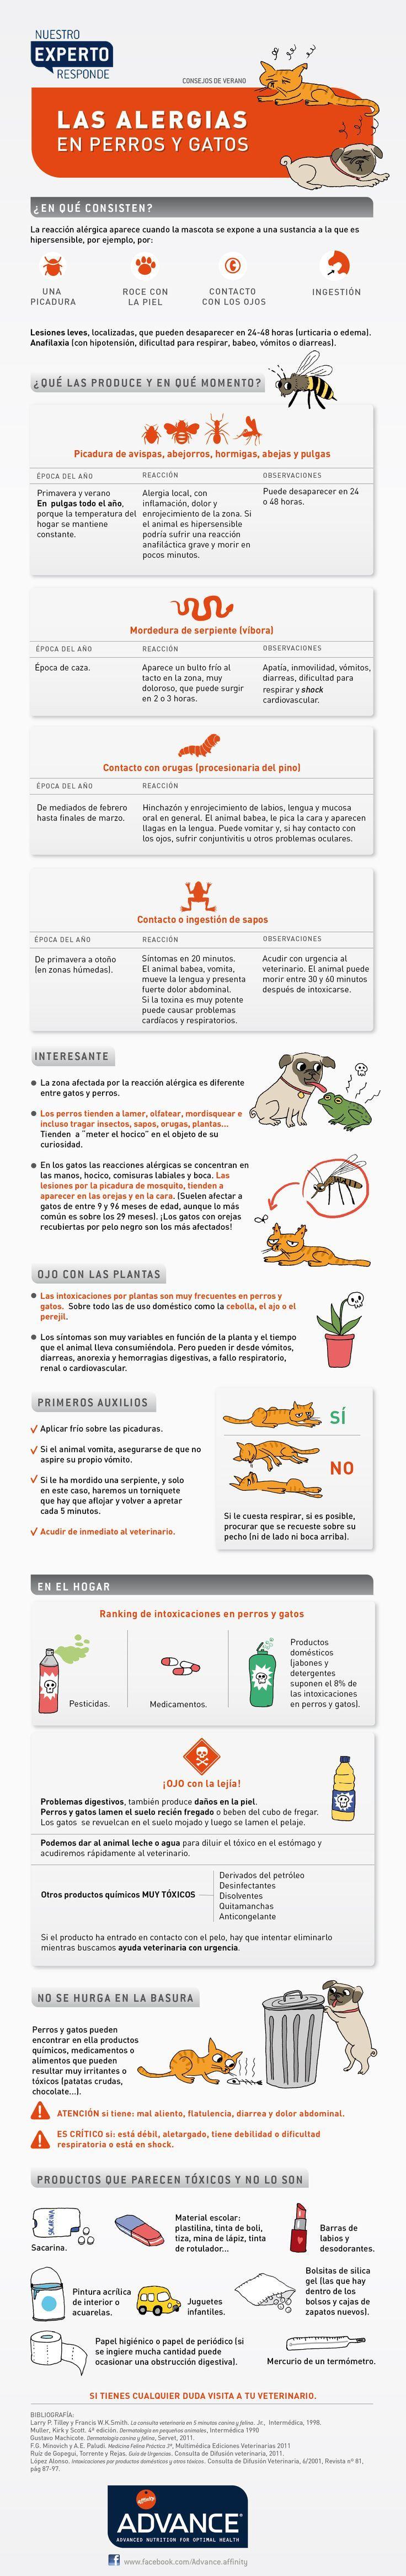 Las alergias en mascotas